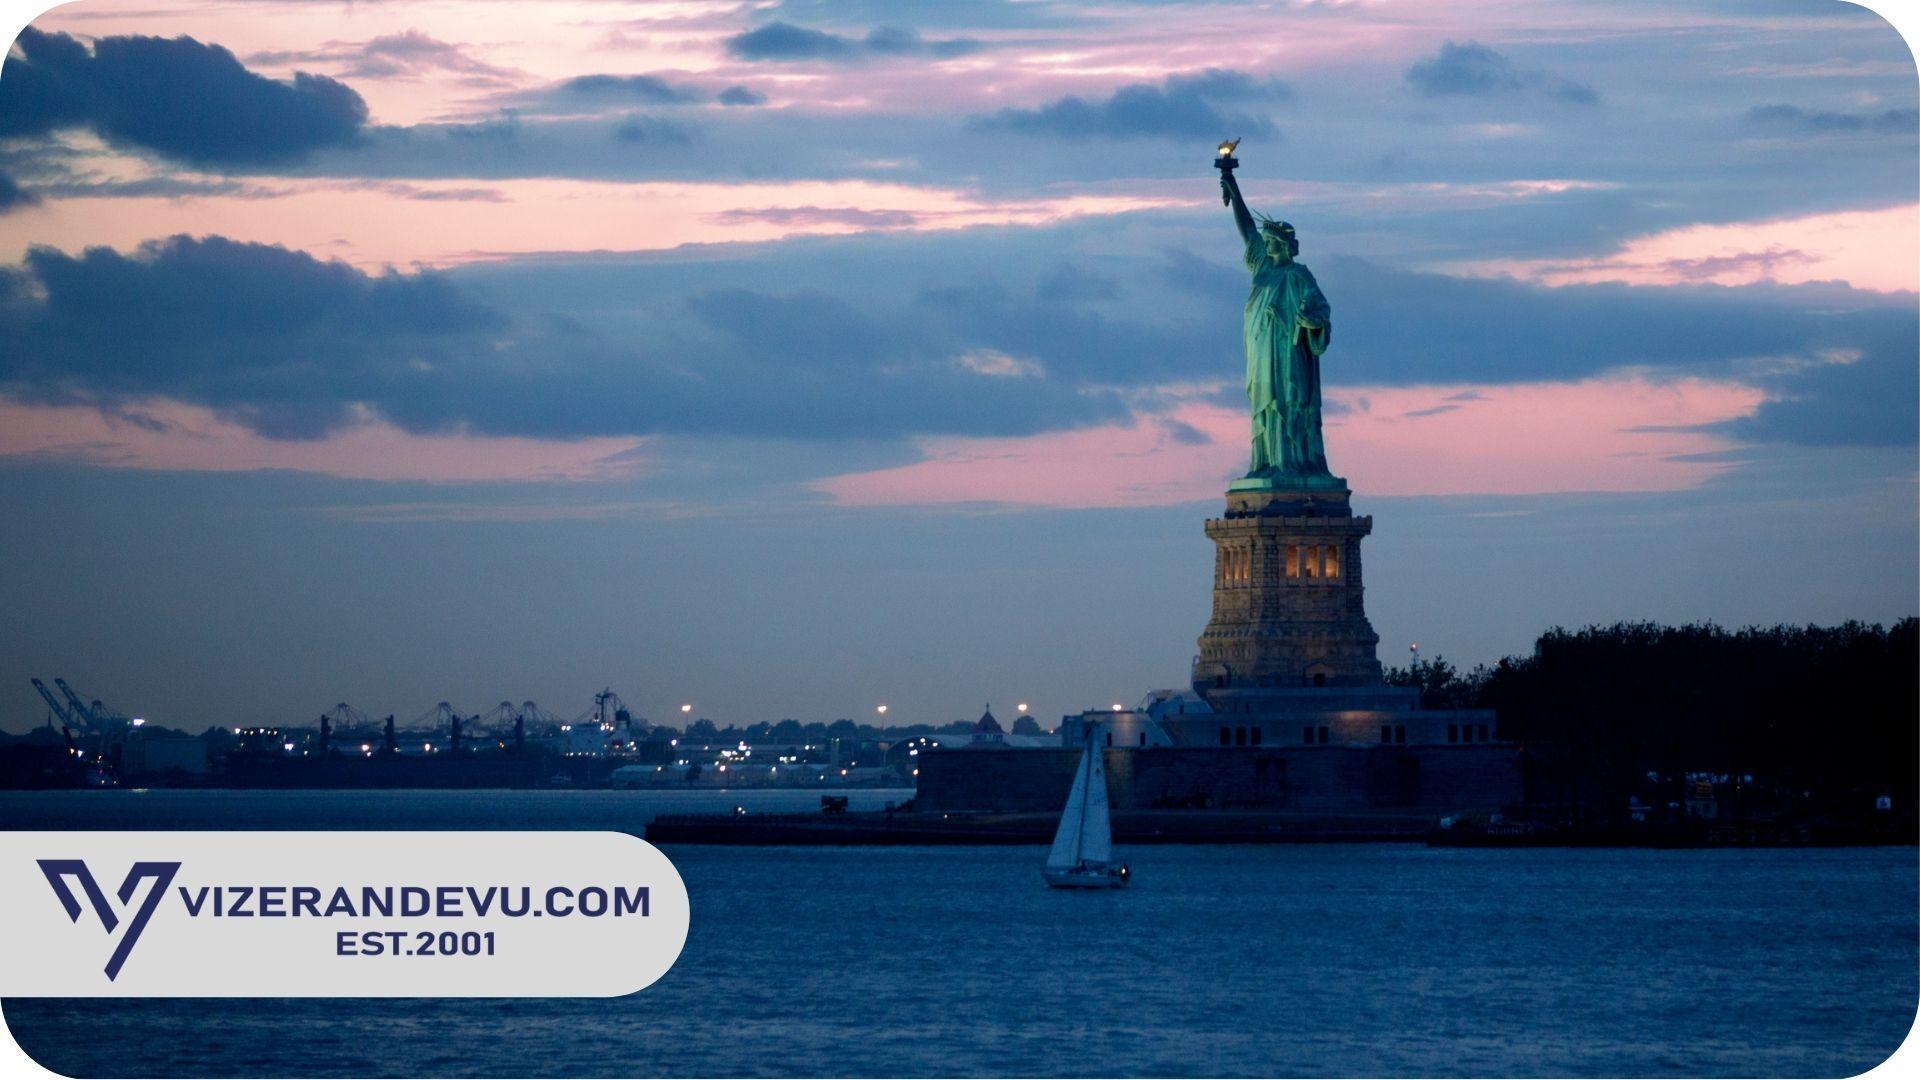 Amerika Nüfusu 2021 Yılında Ne Kadar?